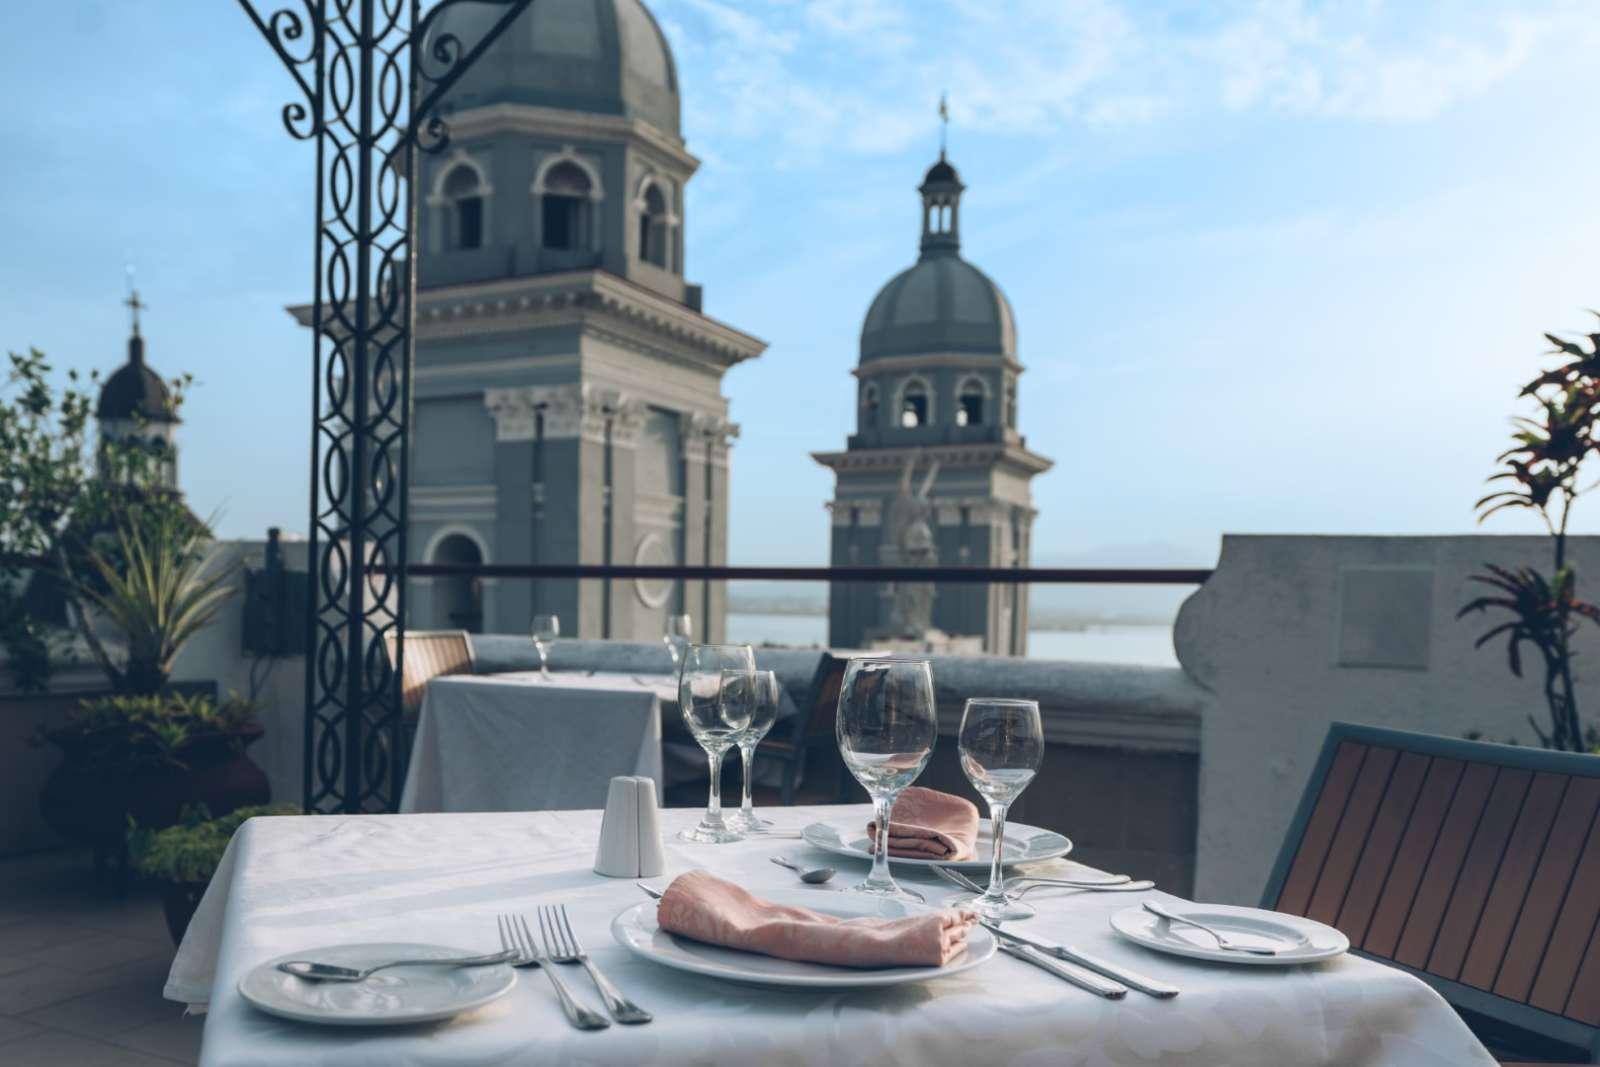 Table setting on roof terrace at Iberostar Casa Granda